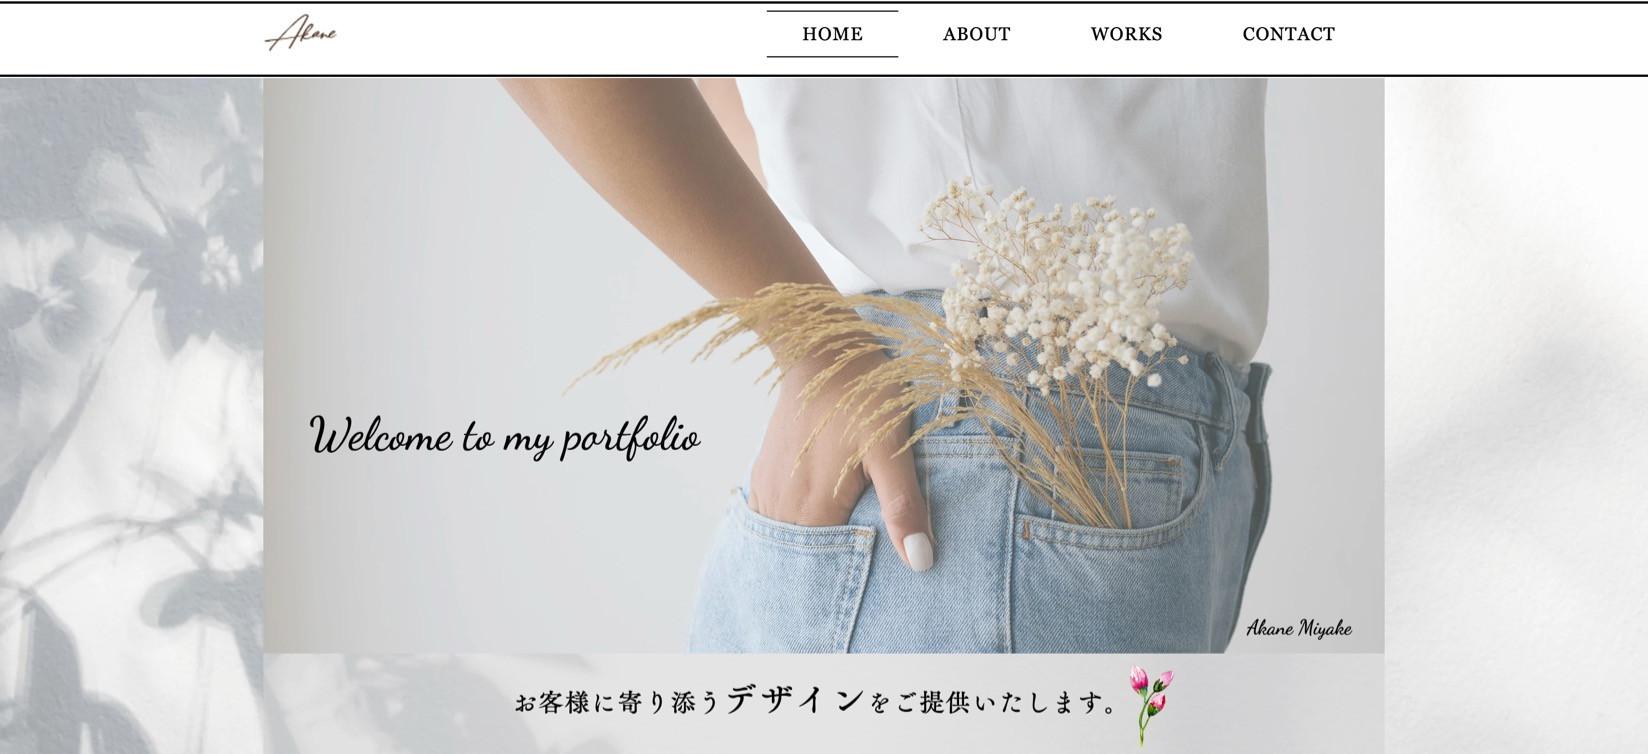 portfolio    WebデザイナーAkane Miyake